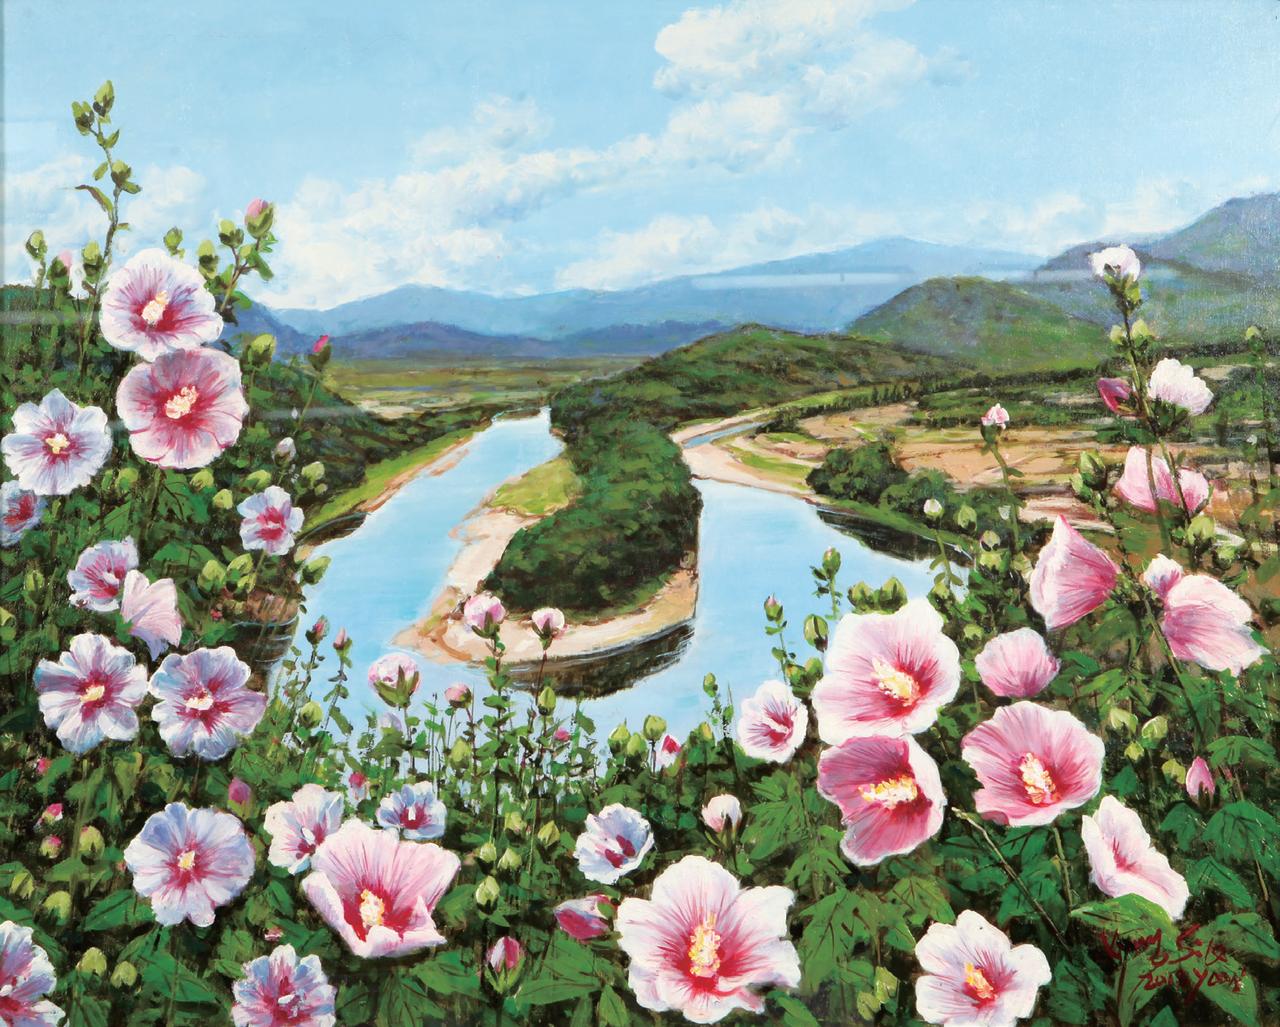 윤경식 (서양화)-무궁화 꽃밭건너편 한반도의 명소